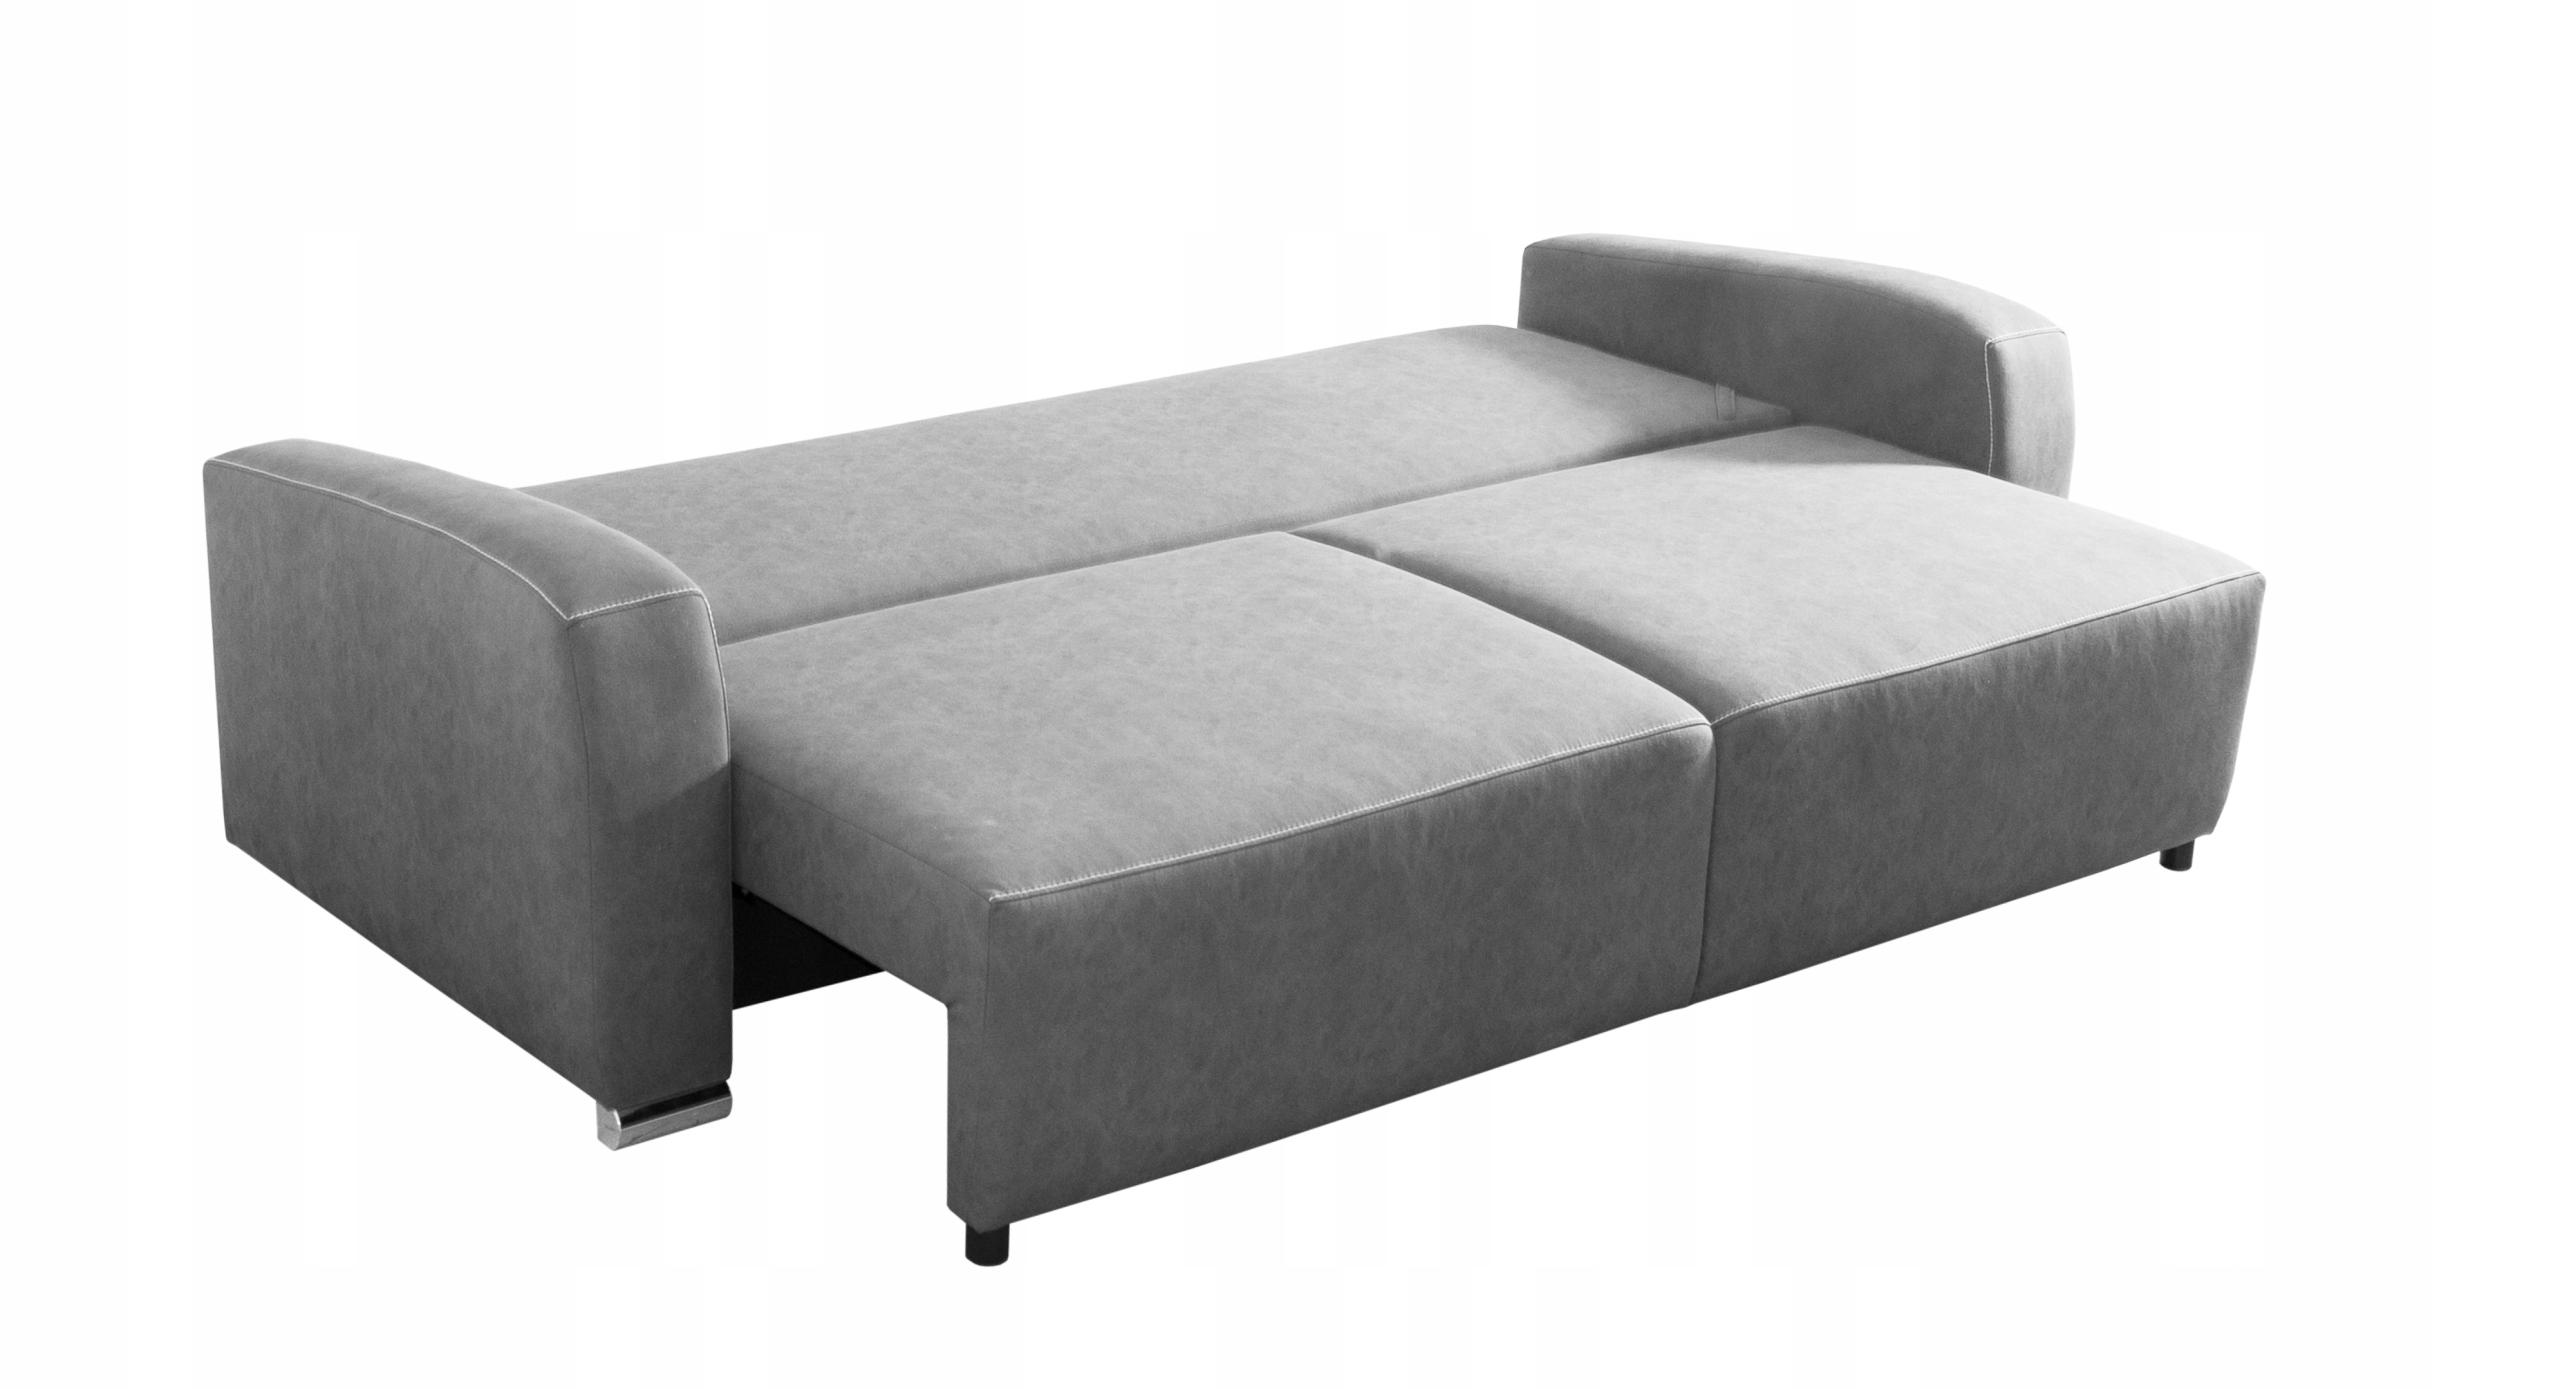 RENO LUX stilvolles Sofa für das Wohnzimmer / f. Schlaf / Farben Möbelhöhe 90 cm